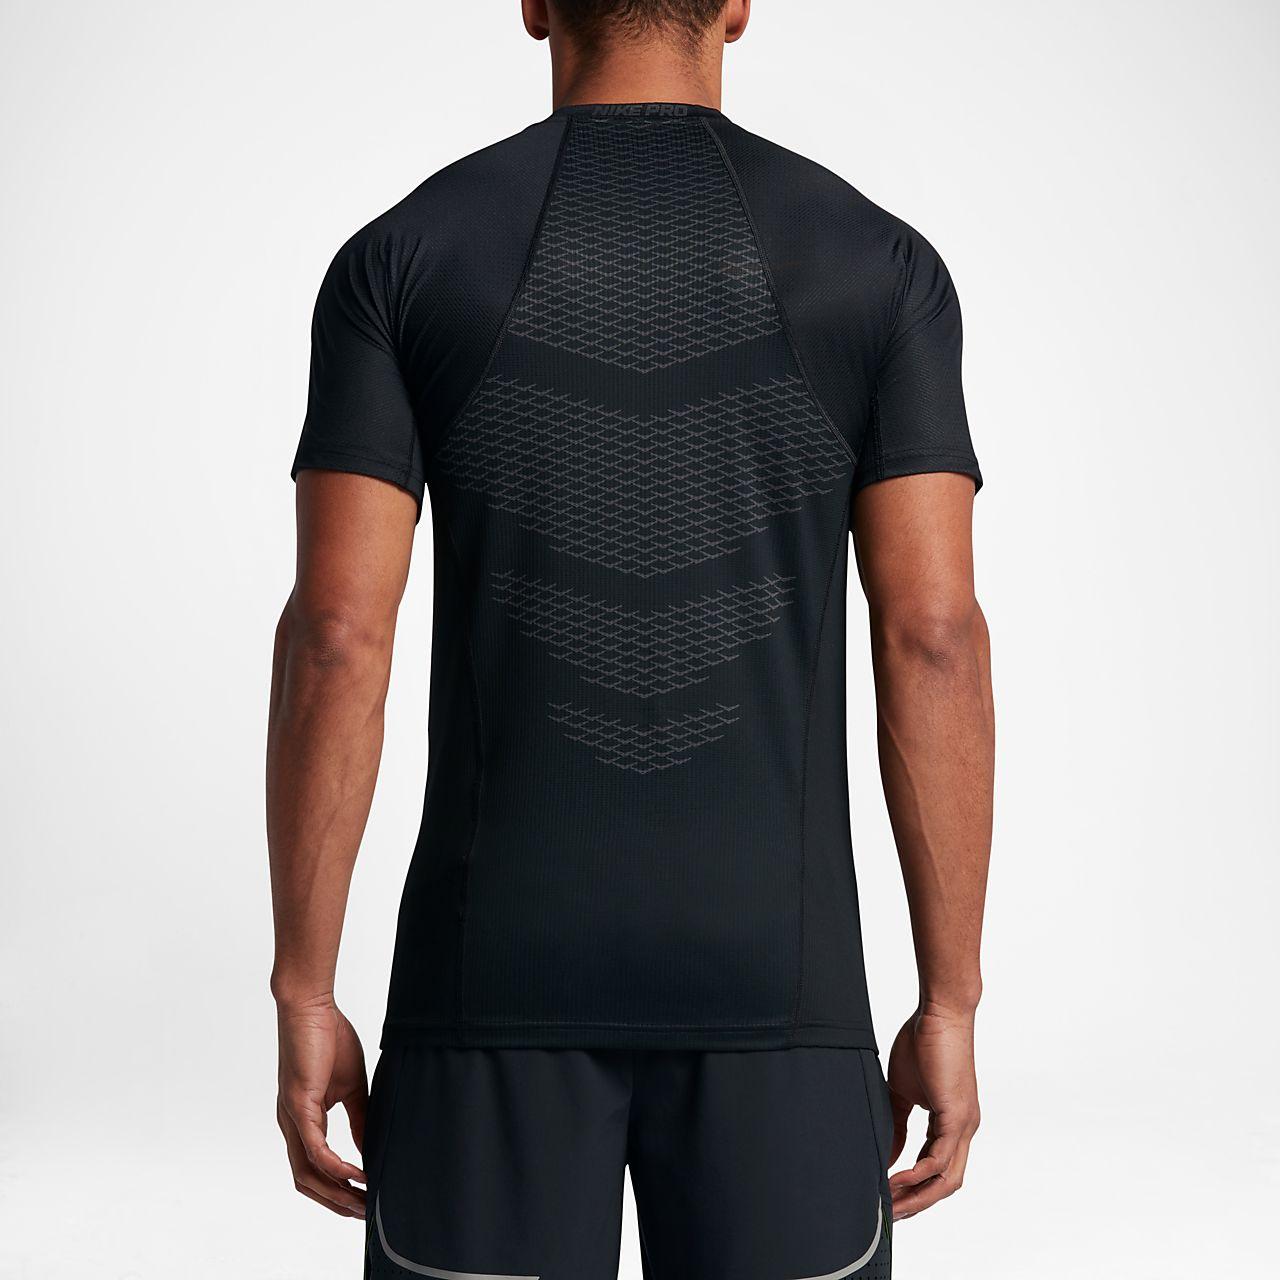 Suchergebnis auf für: nike oberteile damen Nike